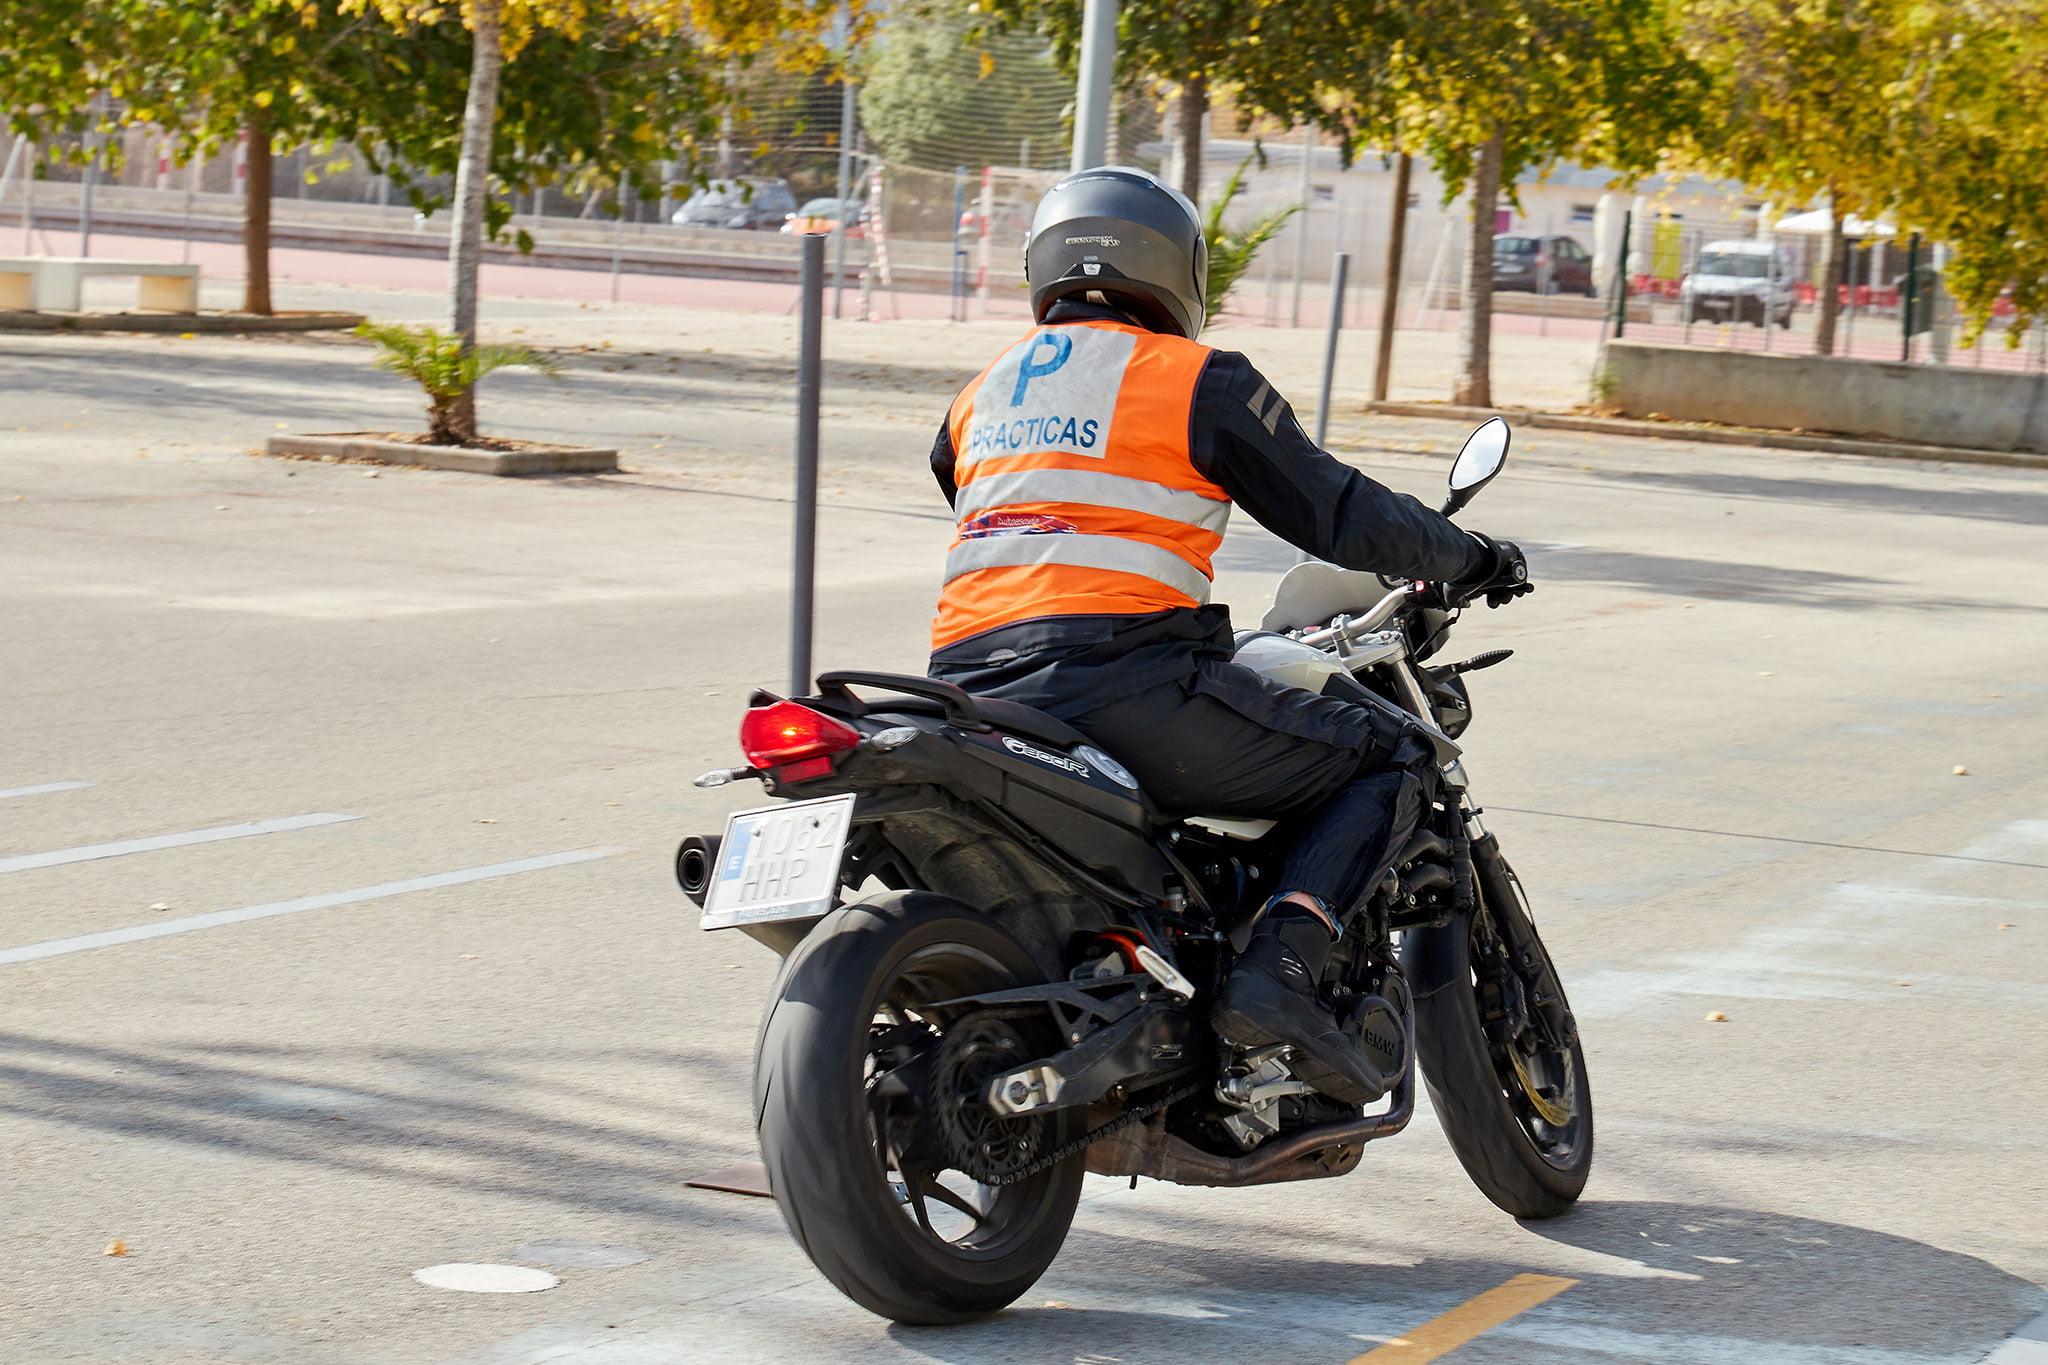 Carnet de moto en Dénia – Autoescuela Guillem